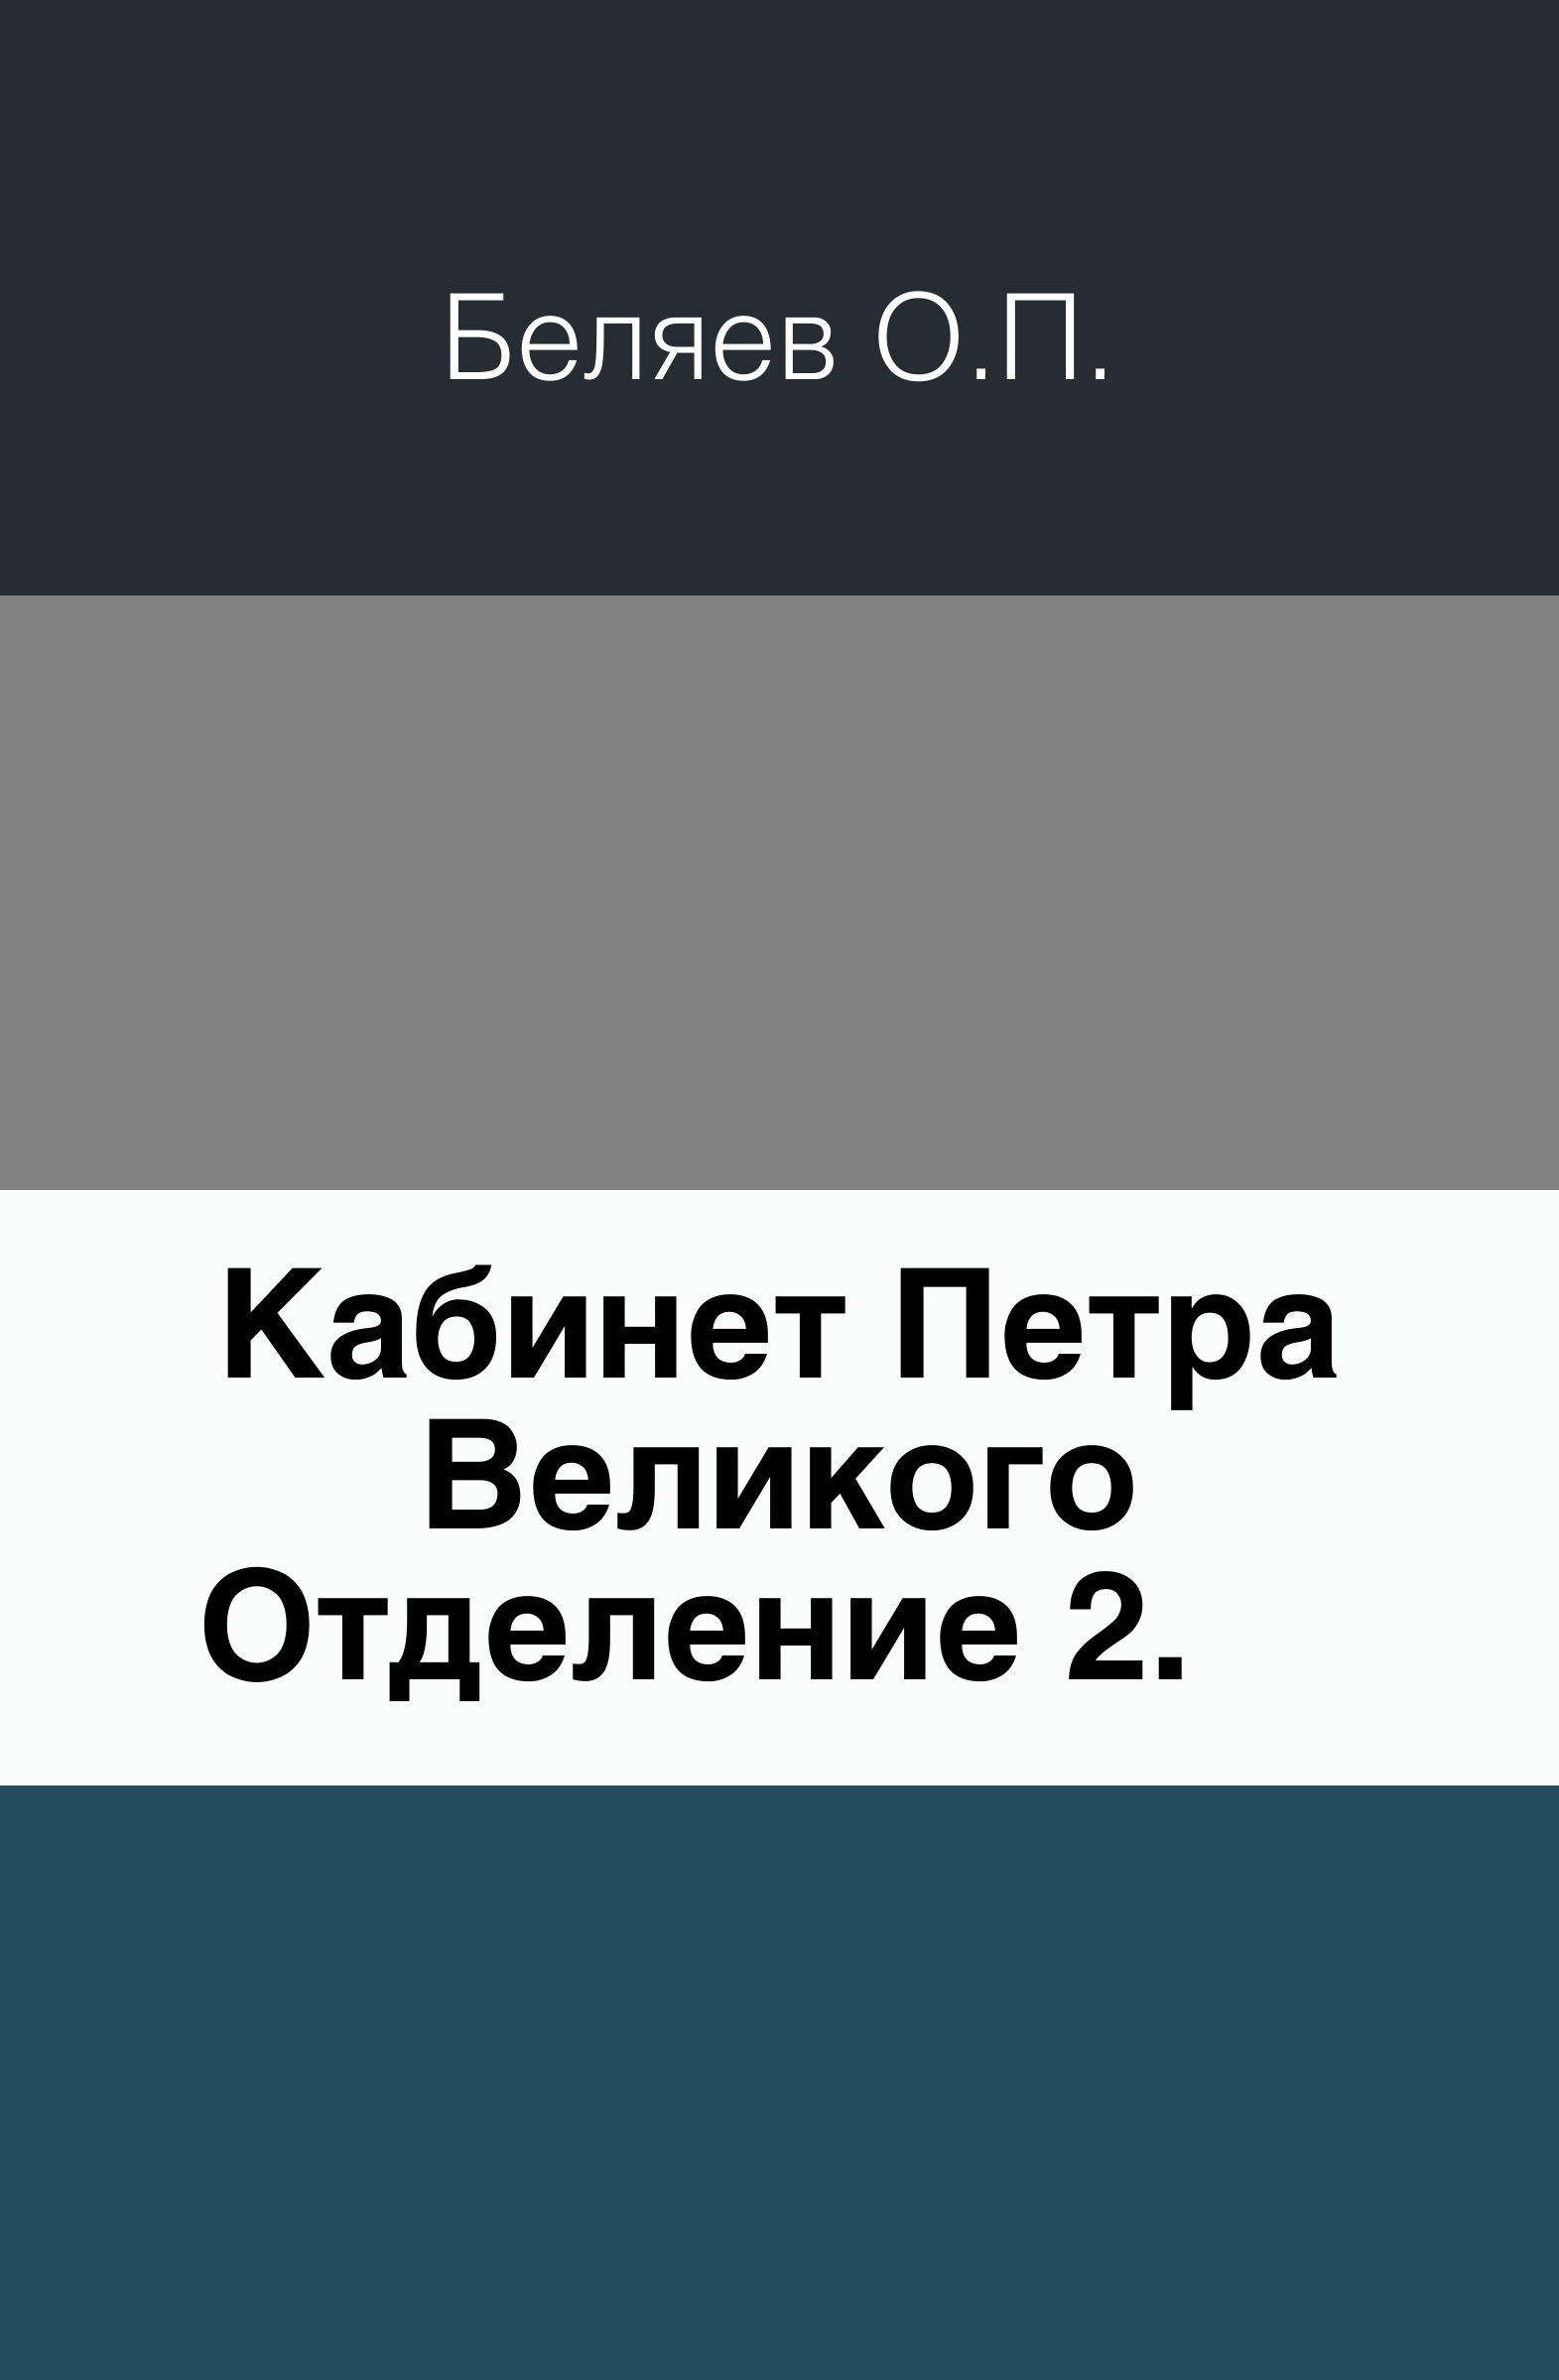 О.П. Беляев Кабинет Петра Великого. Отделение 2